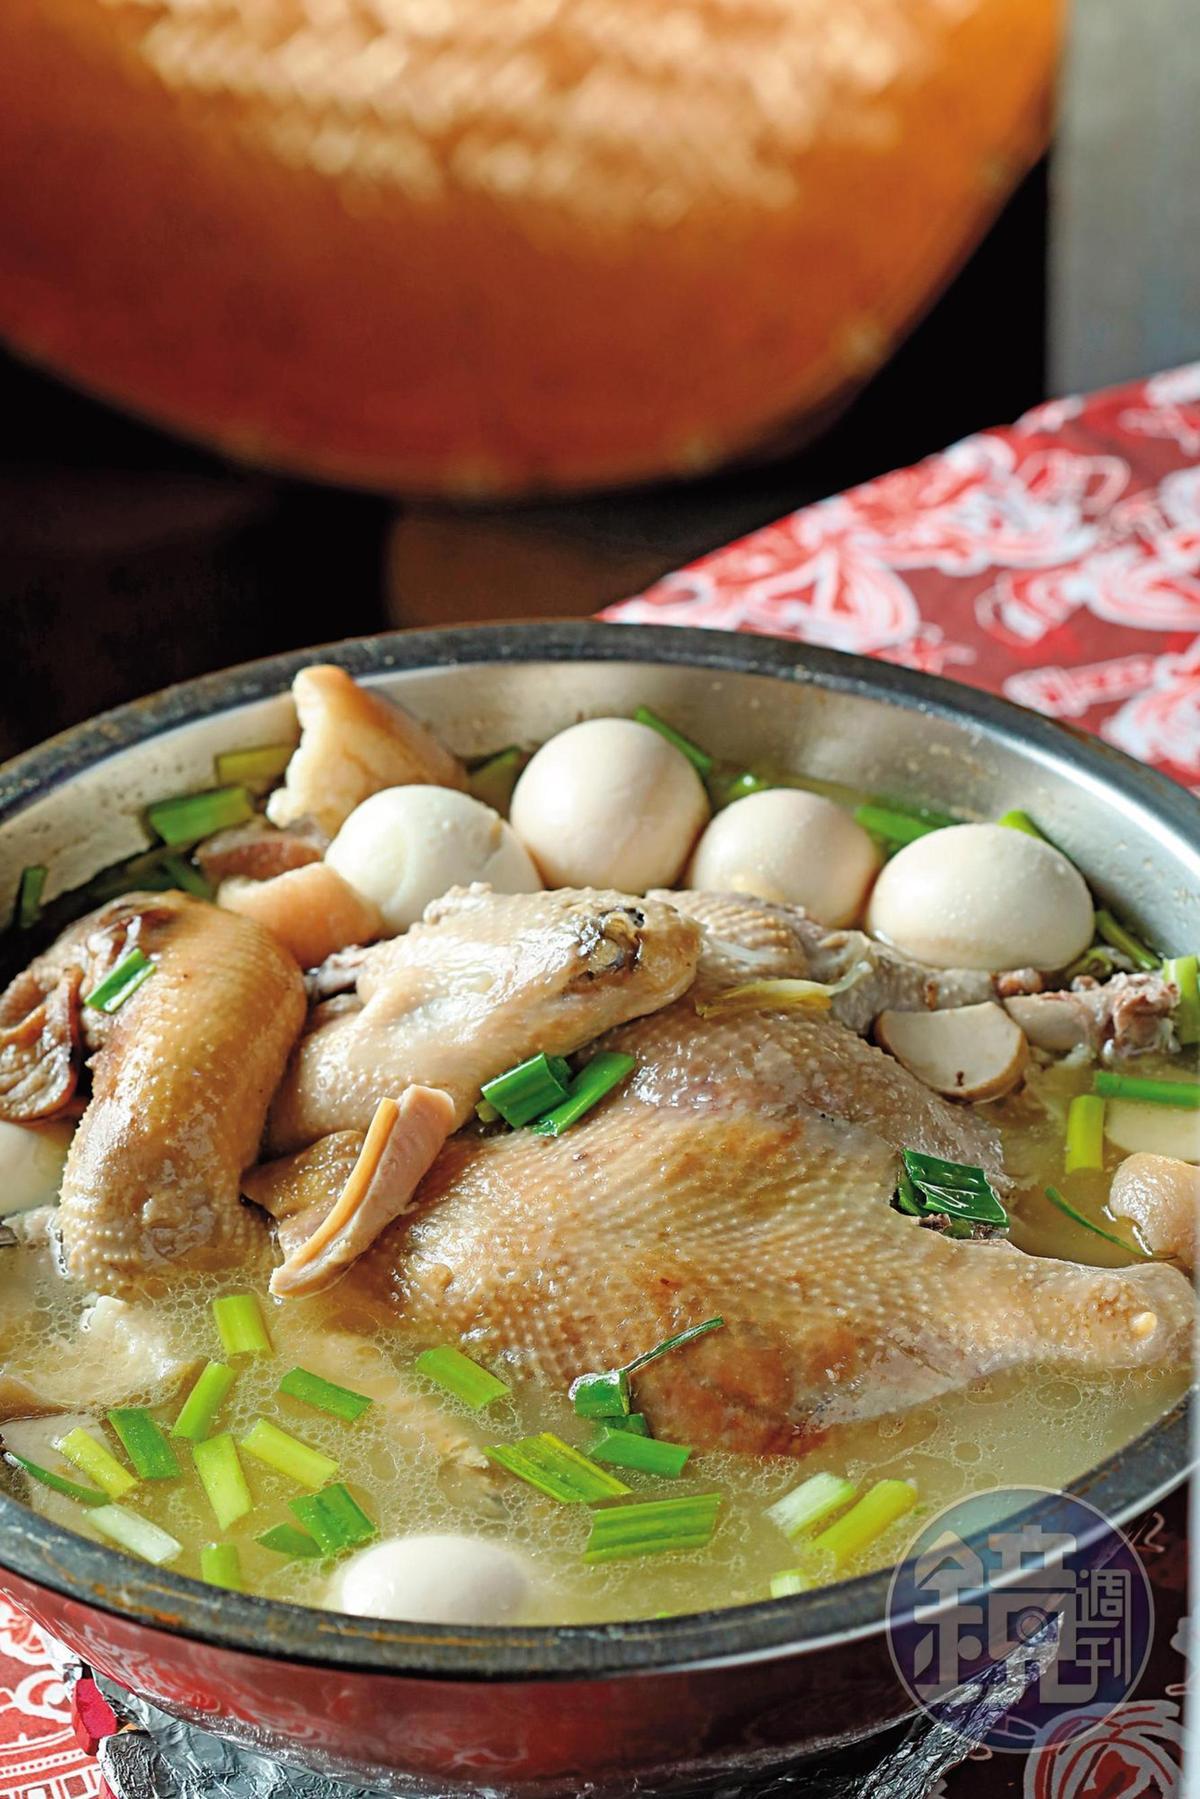 「一品鍋」是馬祖人用來送行或迎接遠方貴客來訪的料理。(5,000元桌菜菜色)